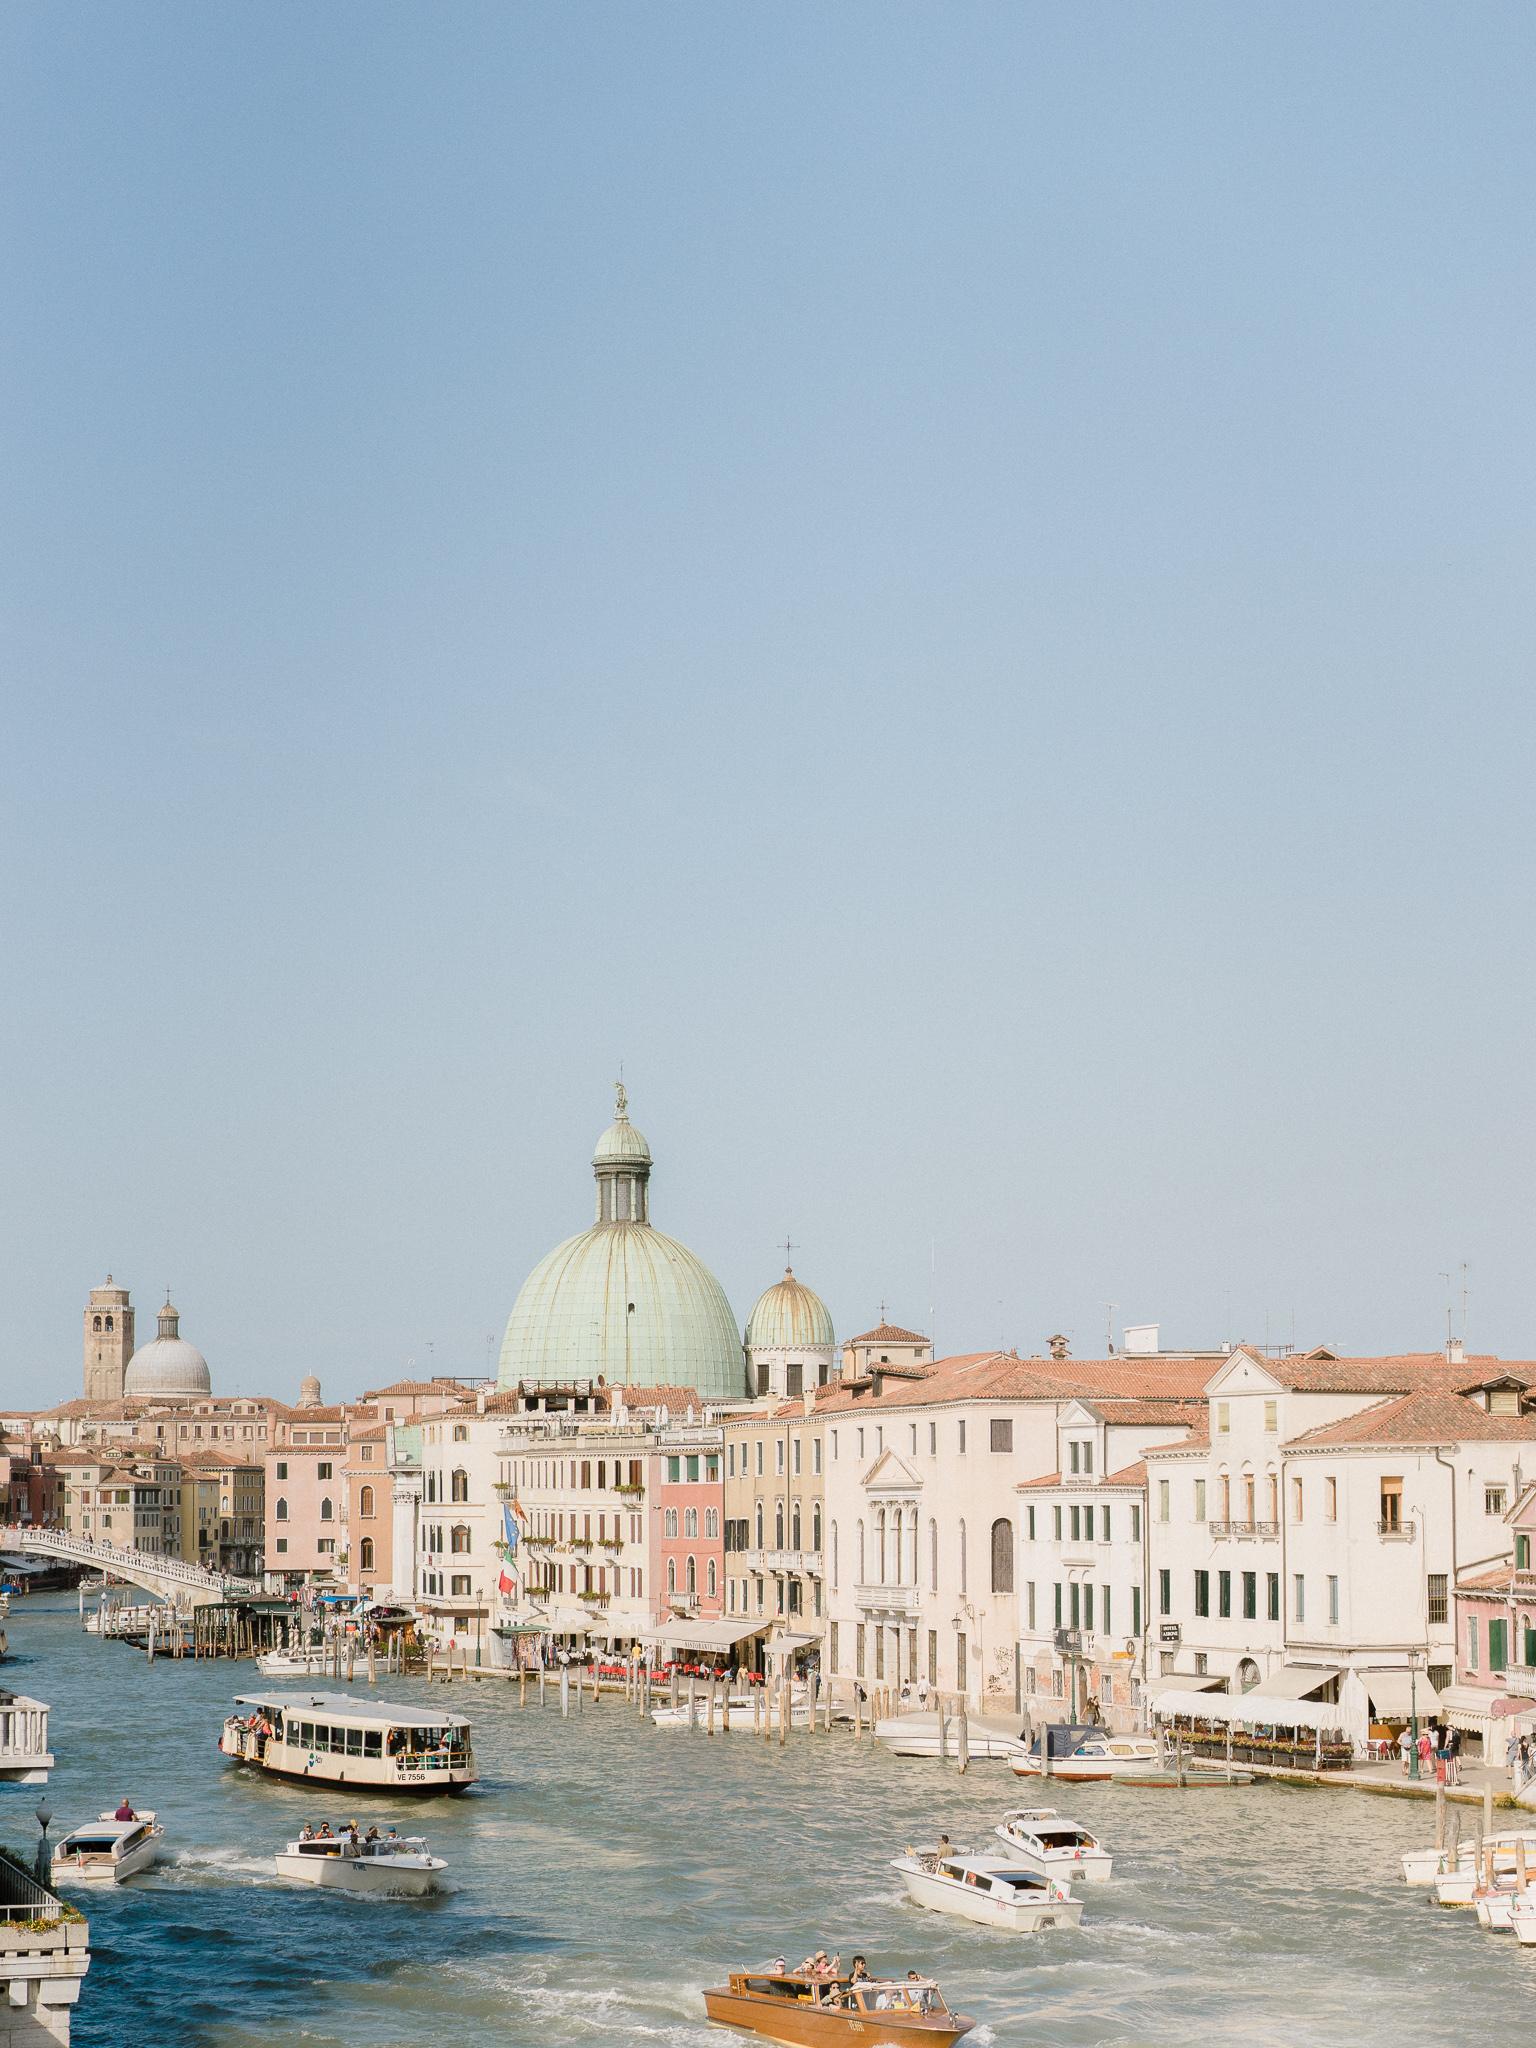 Venice-Burano-Italy-7.jpg